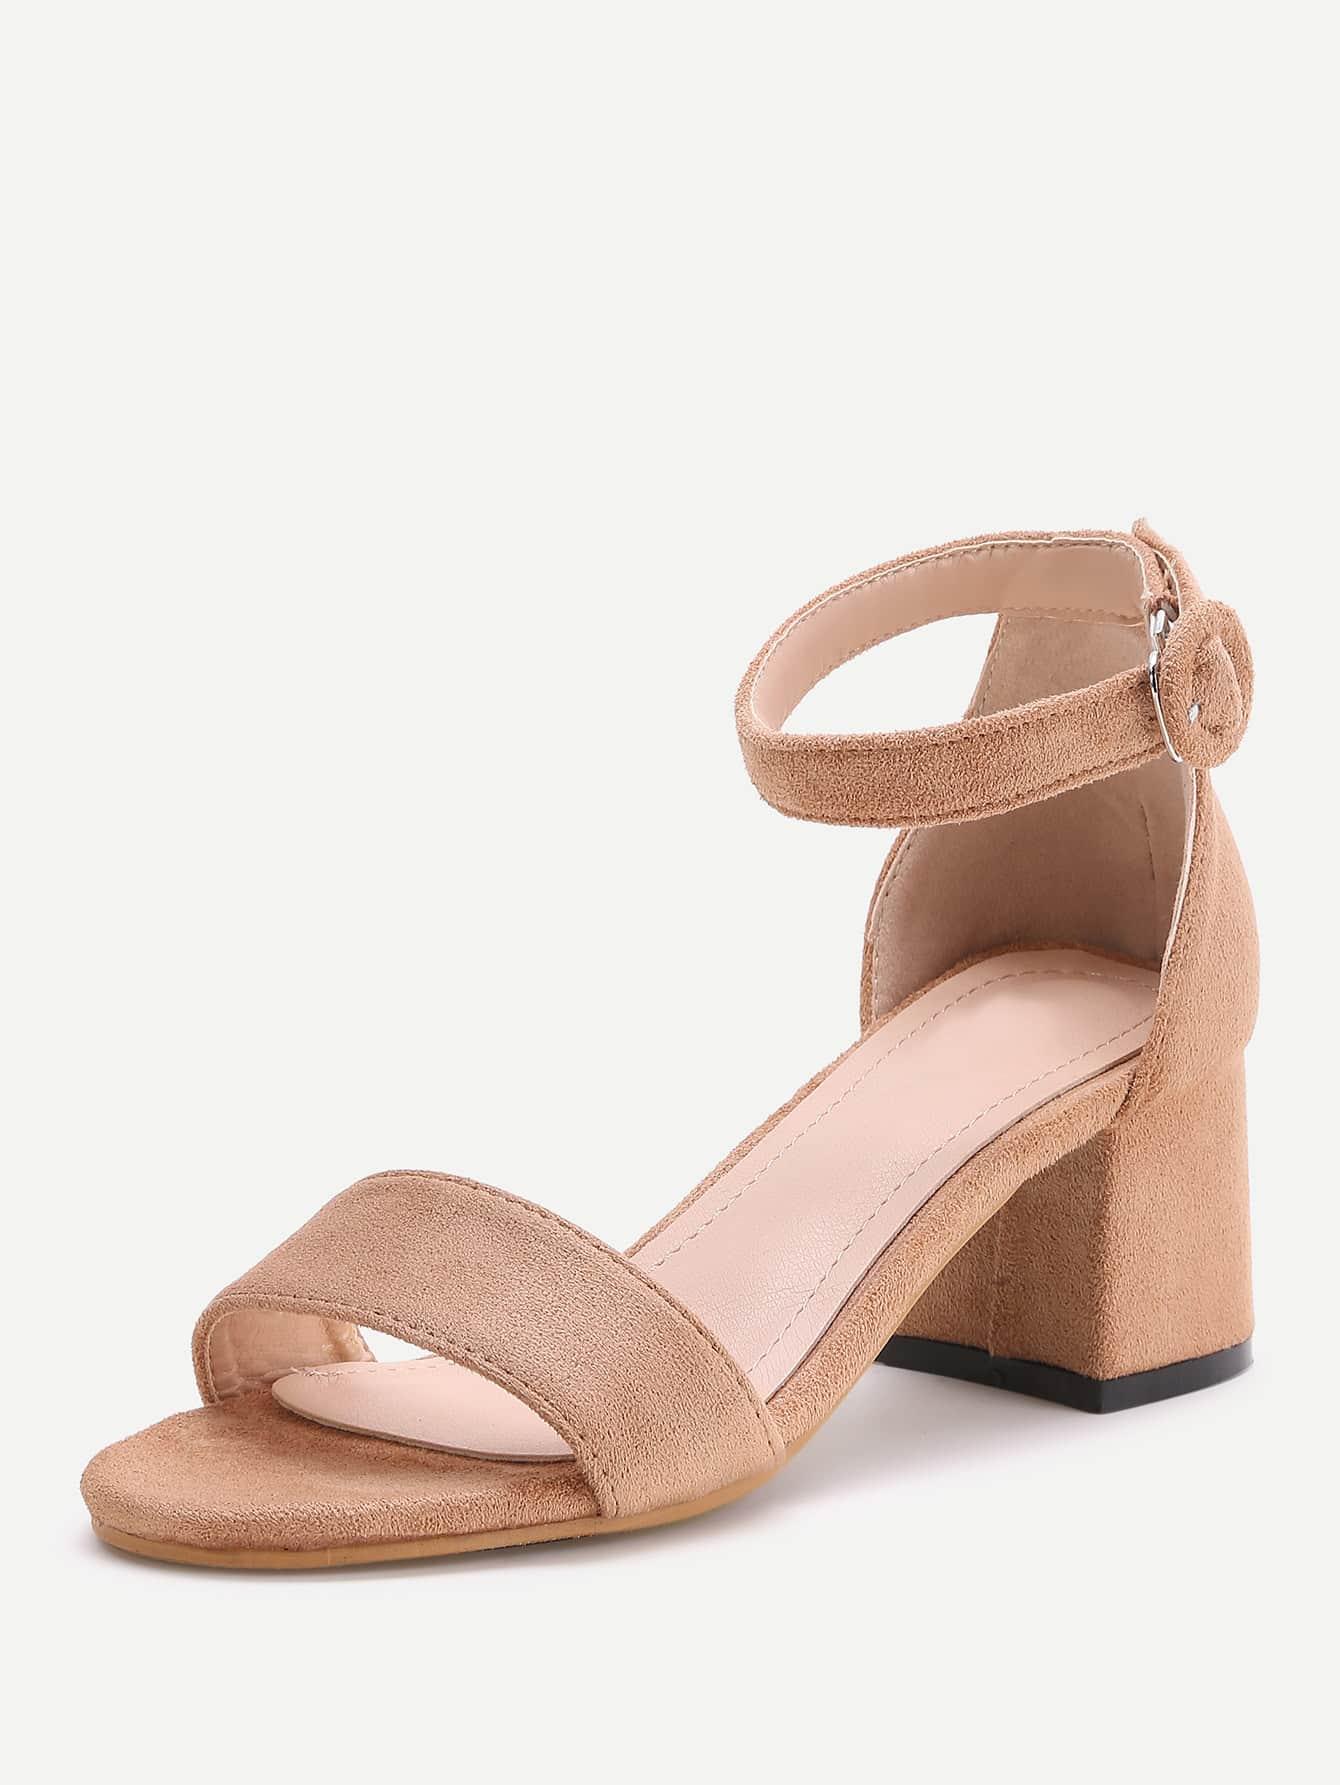 shoes170316813_2